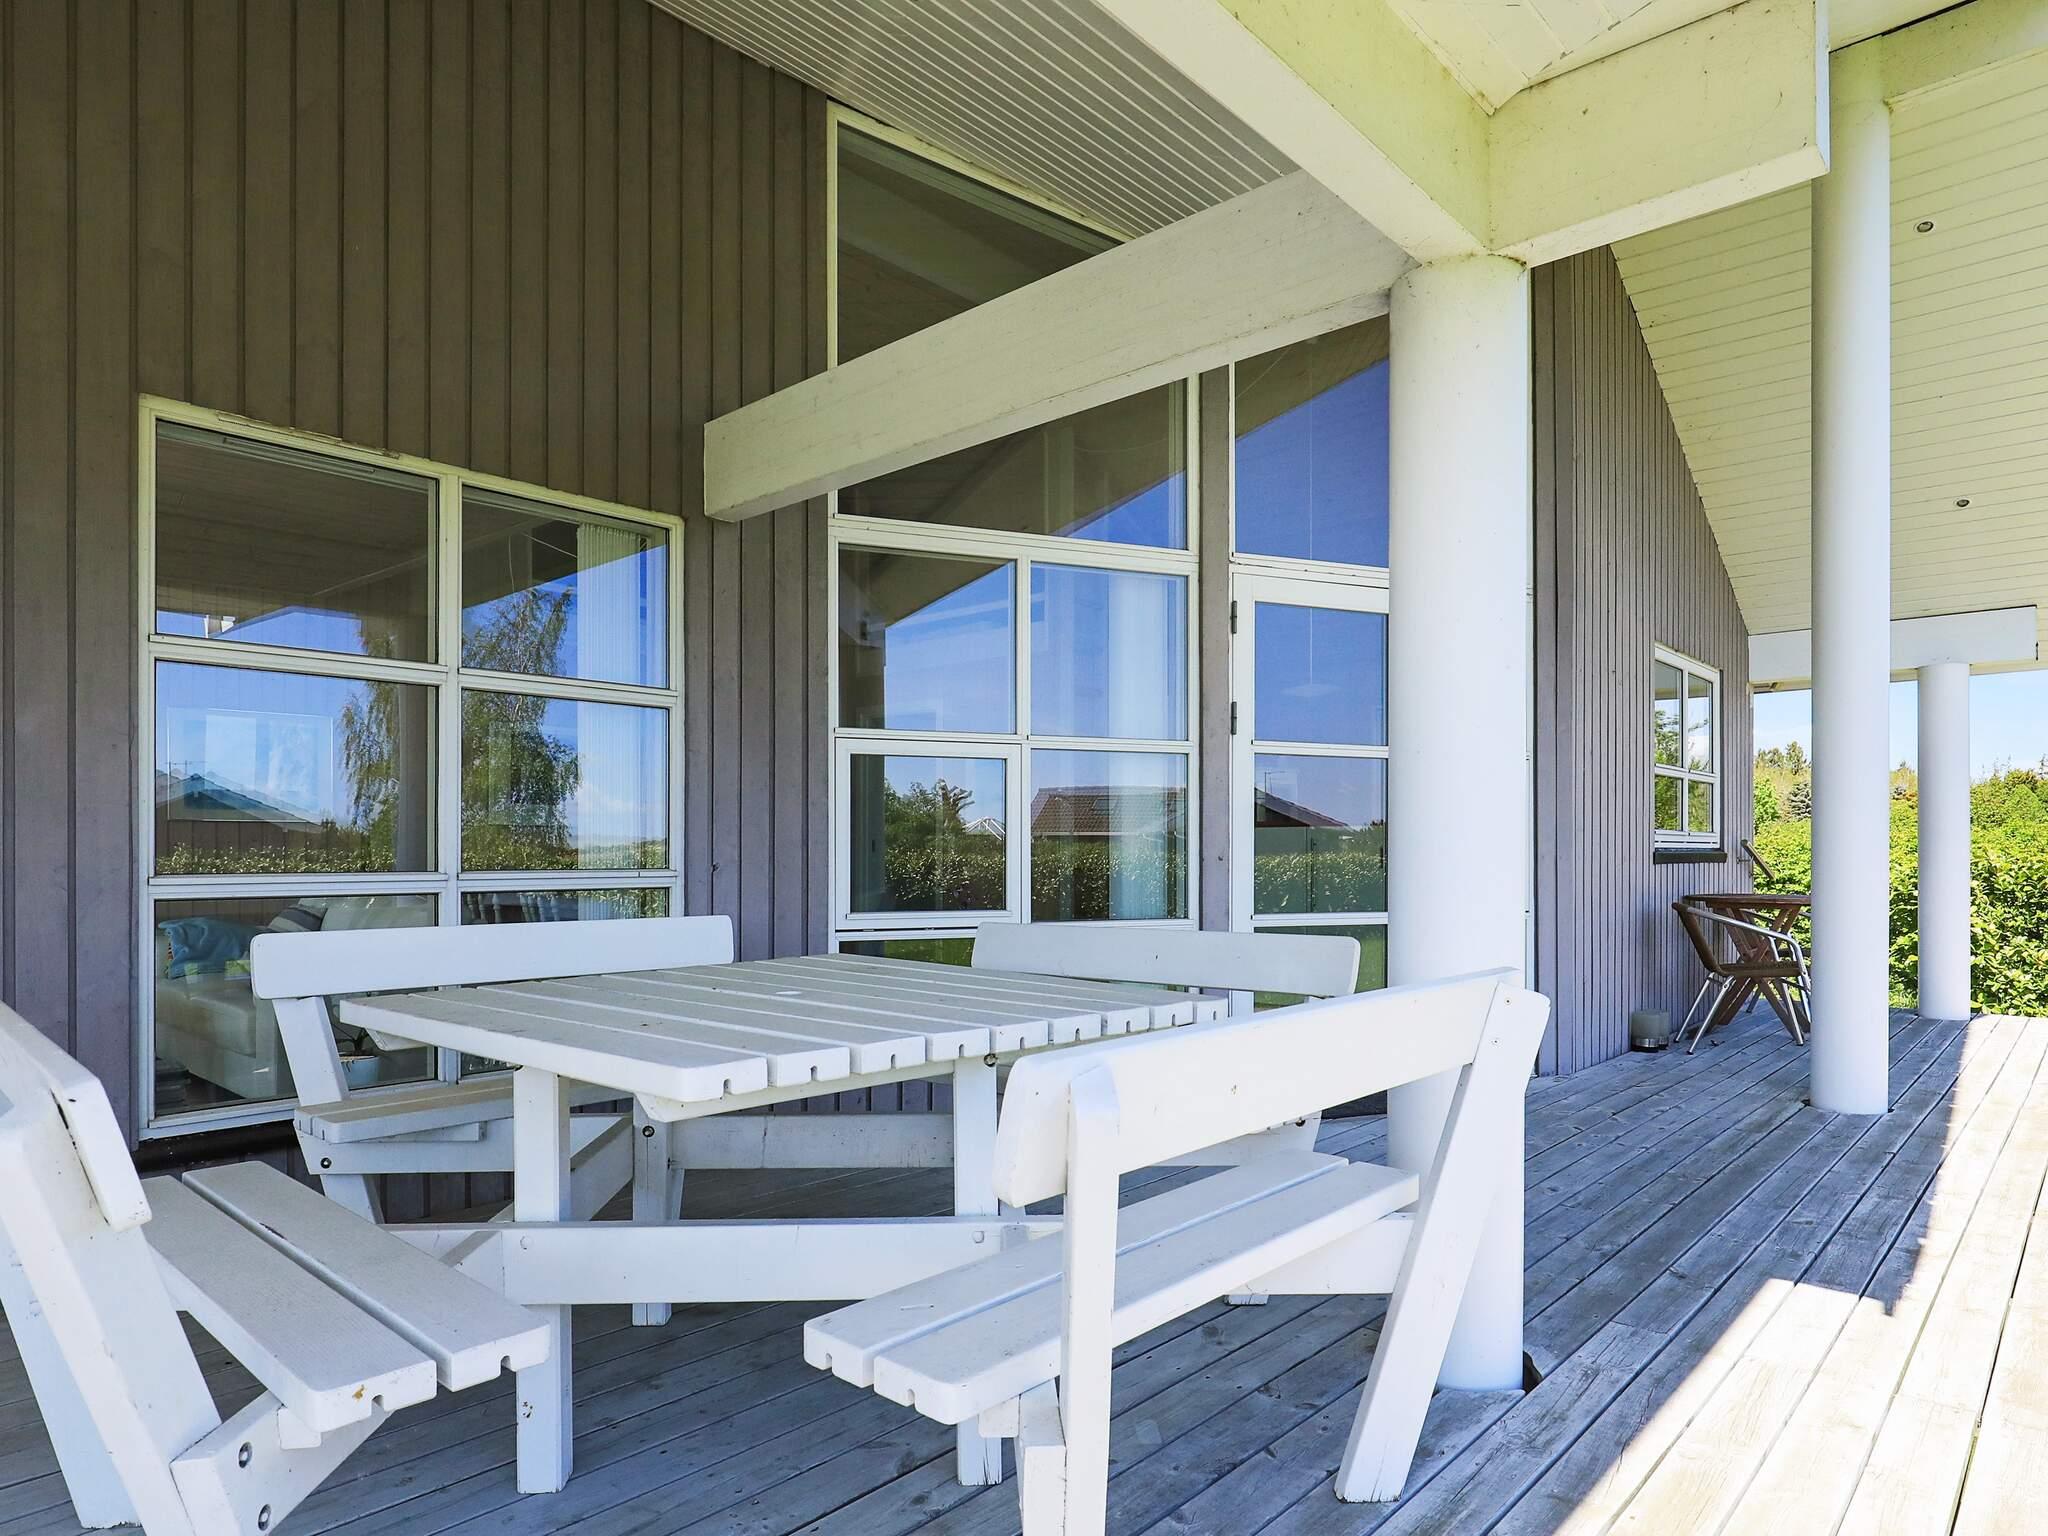 Ferienhaus Sortsø Strand (2608552), Sortsø, , Falster, Dänemark, Bild 18